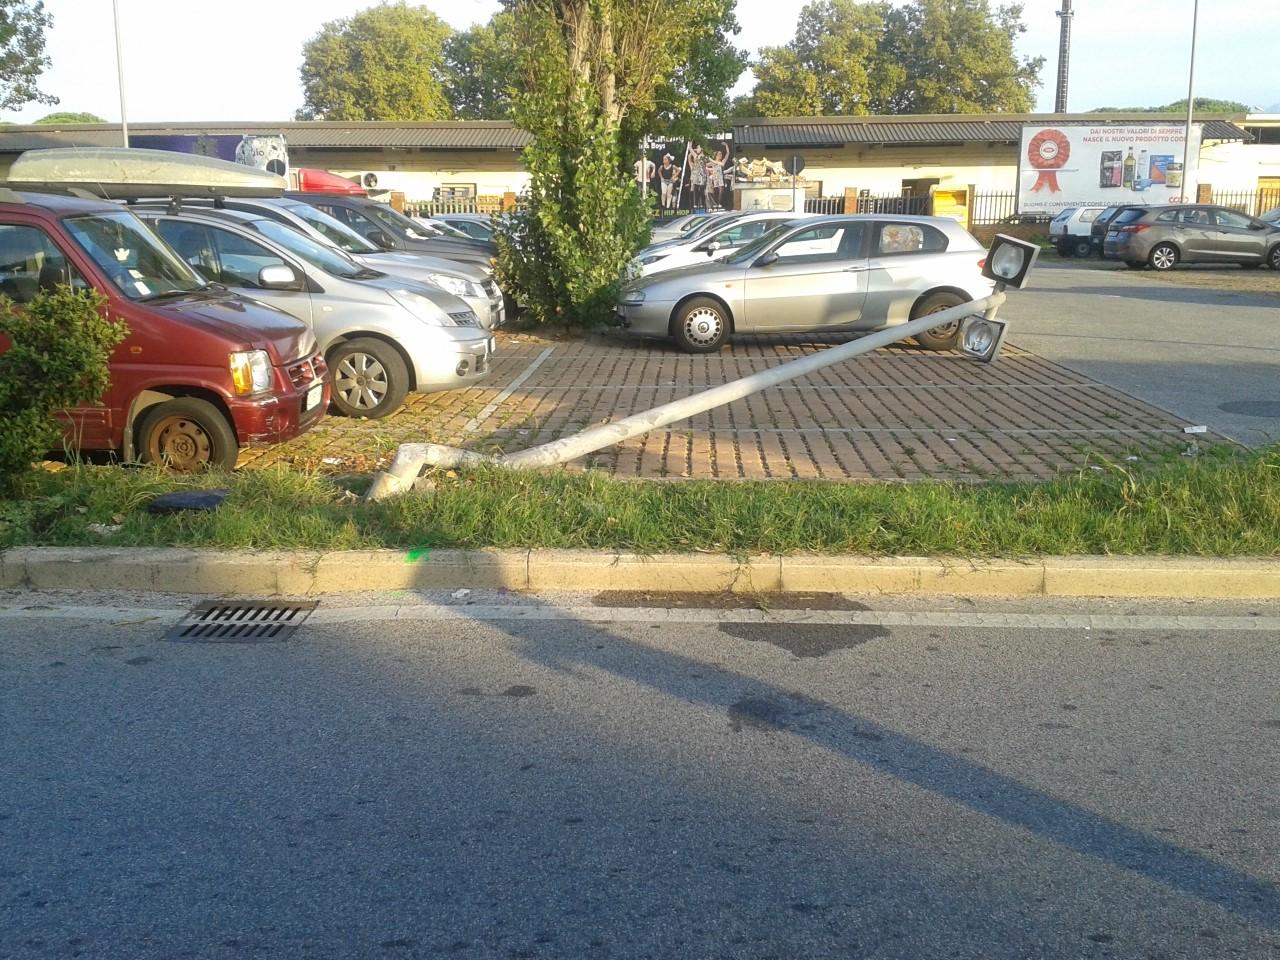 Abbattono un palo della luce con l'auto (che prende fuoco): illese quattro ragazze